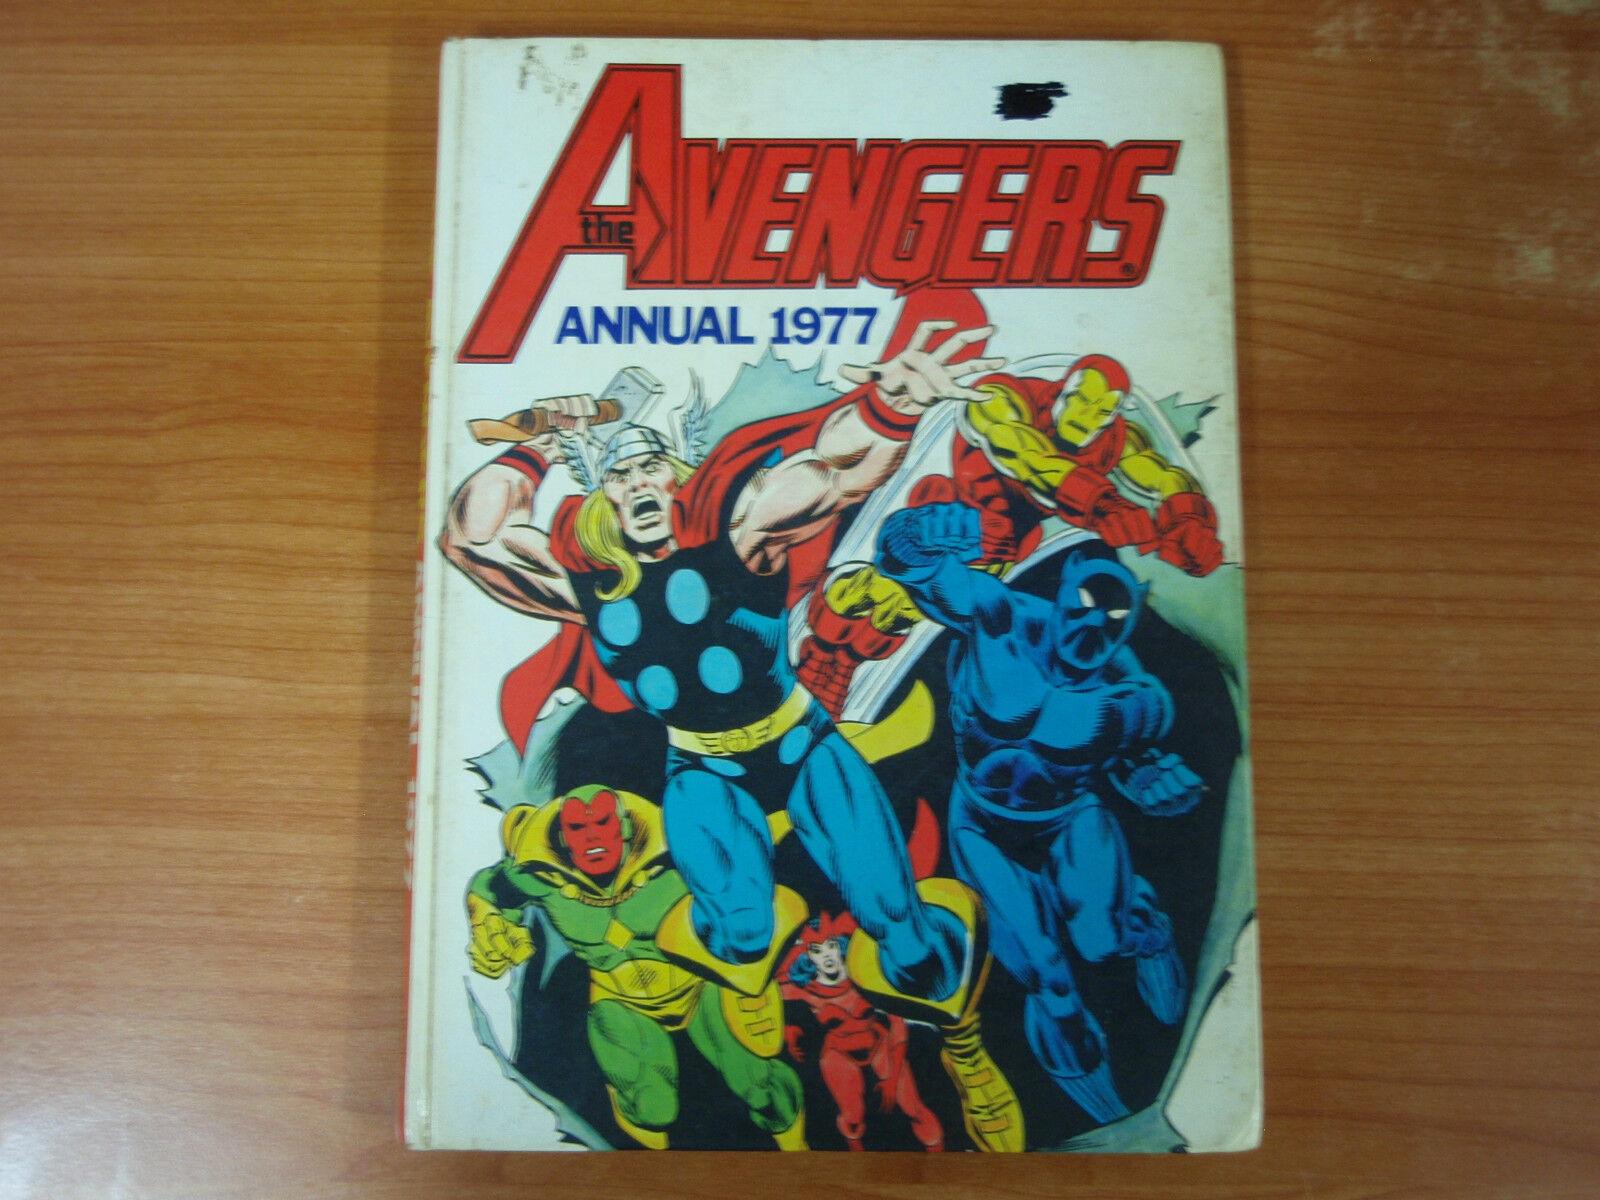 Rare 1977 Marvel Avengers Annual